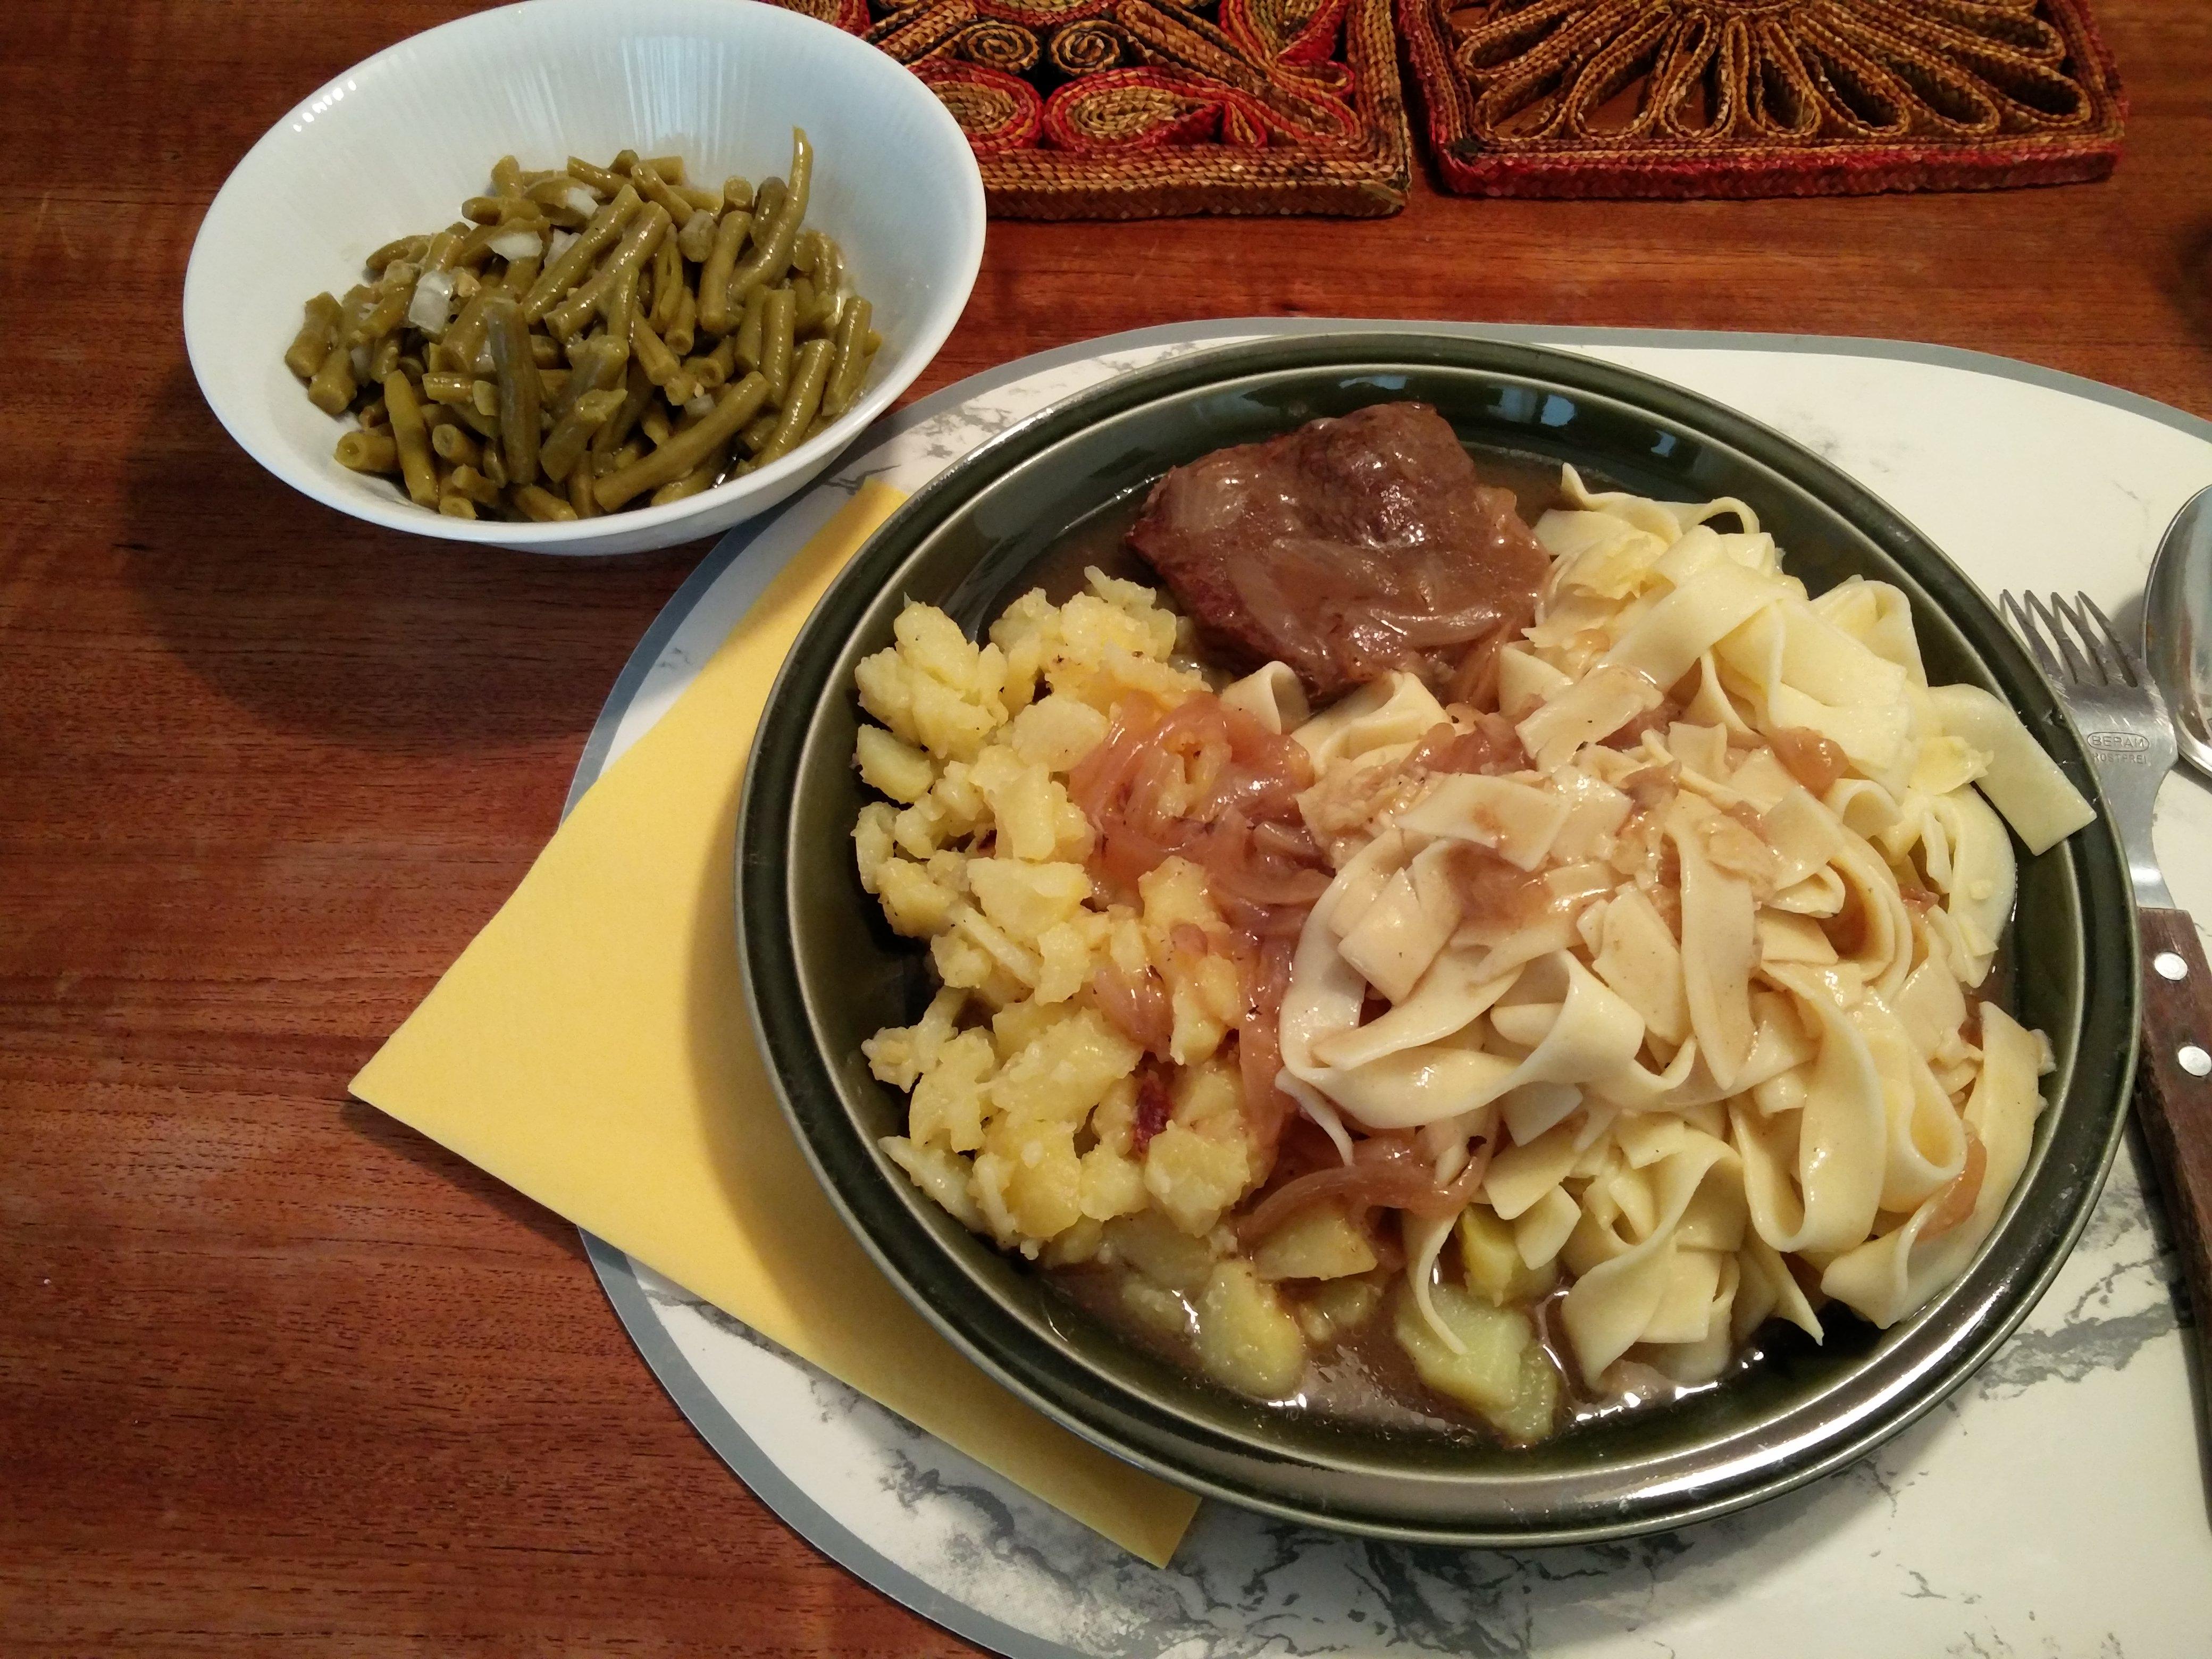 https://foodloader.net/nico_2016-04-27_zwiebelrostbraten-mit-nudeln-bratkartoffeln-und-bohnensalat.jpg